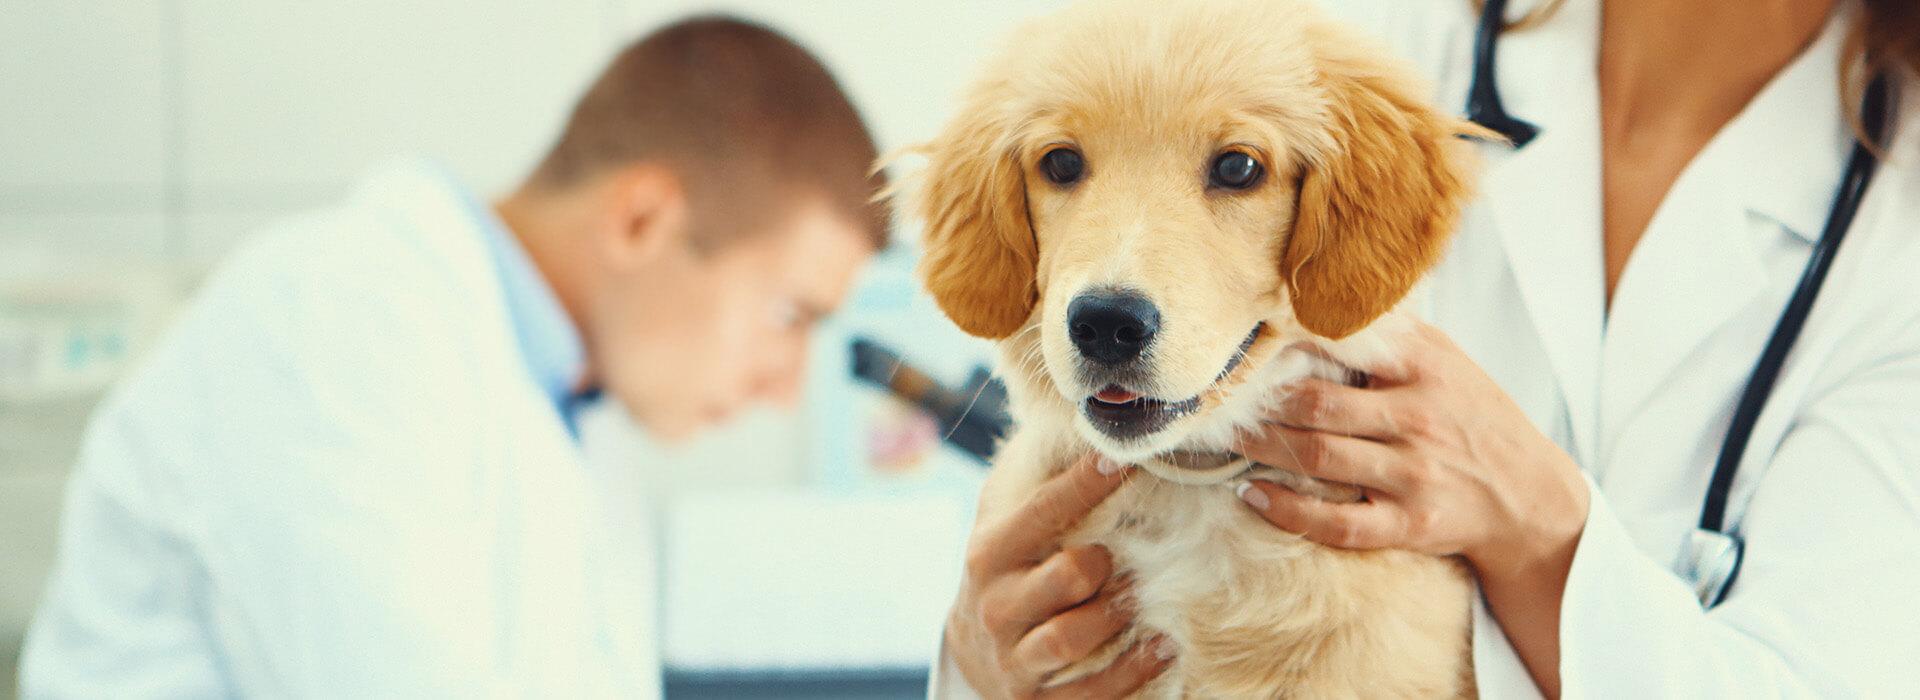 slider02-veterinairelacremans-liege (1)